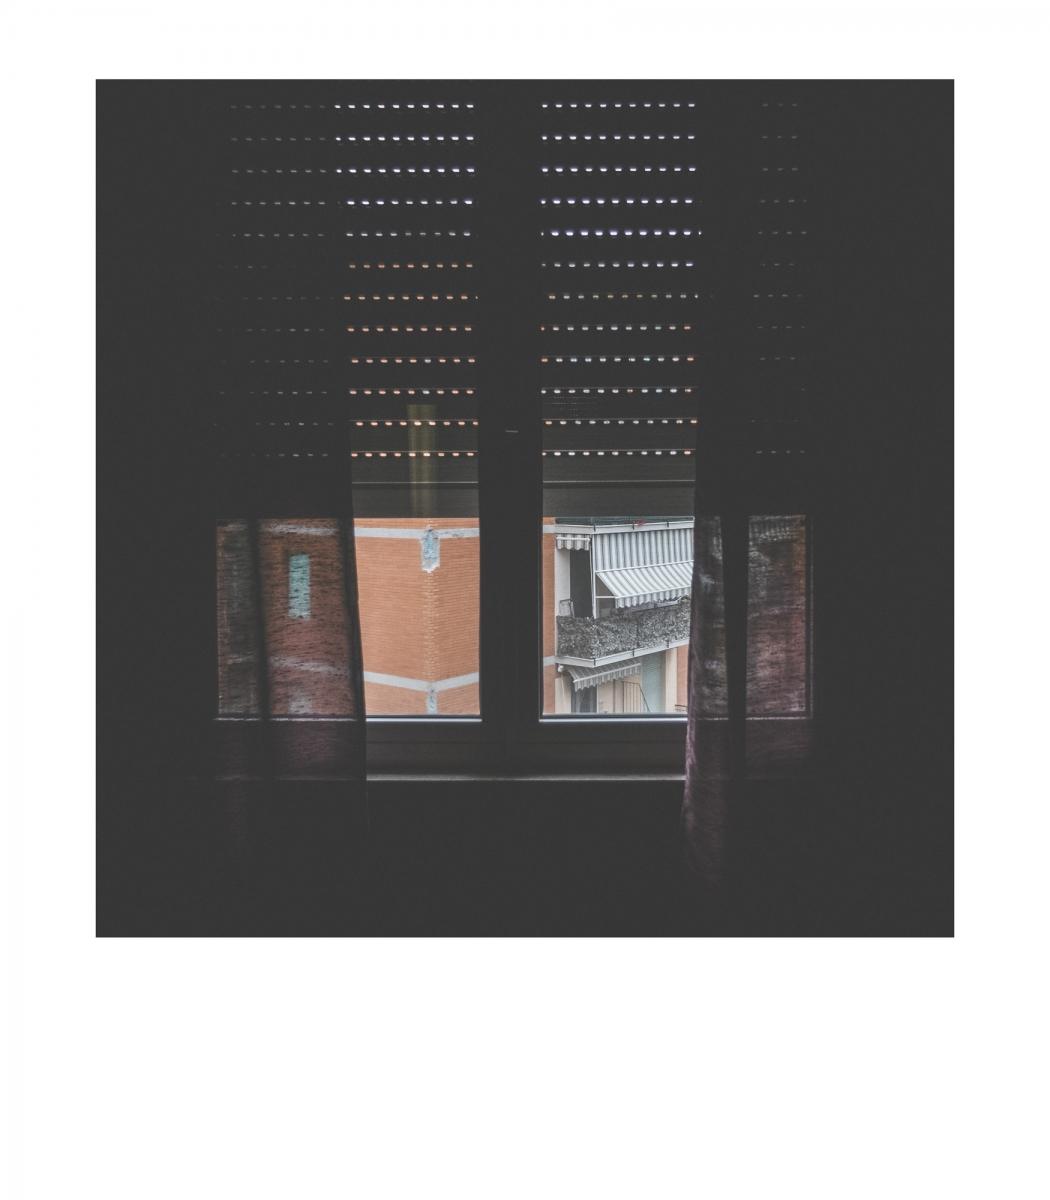 1_1-DSCF3831-P19-2